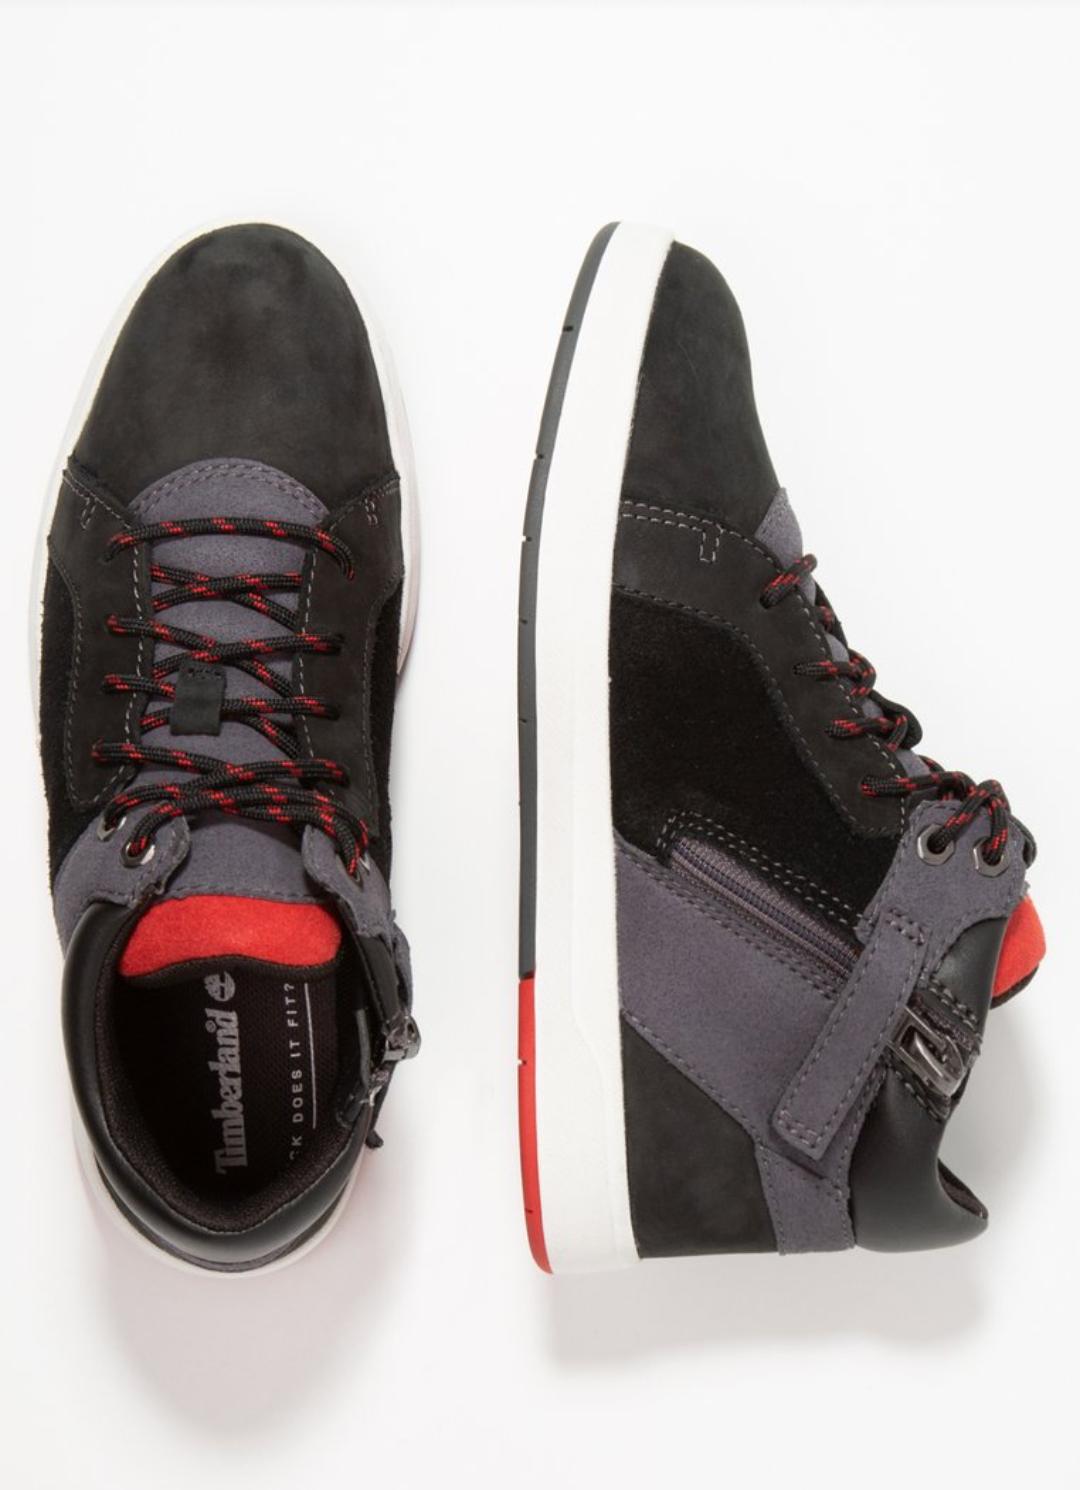 Leren Timberland schoenen maat 31 t/m 40 @Zalando